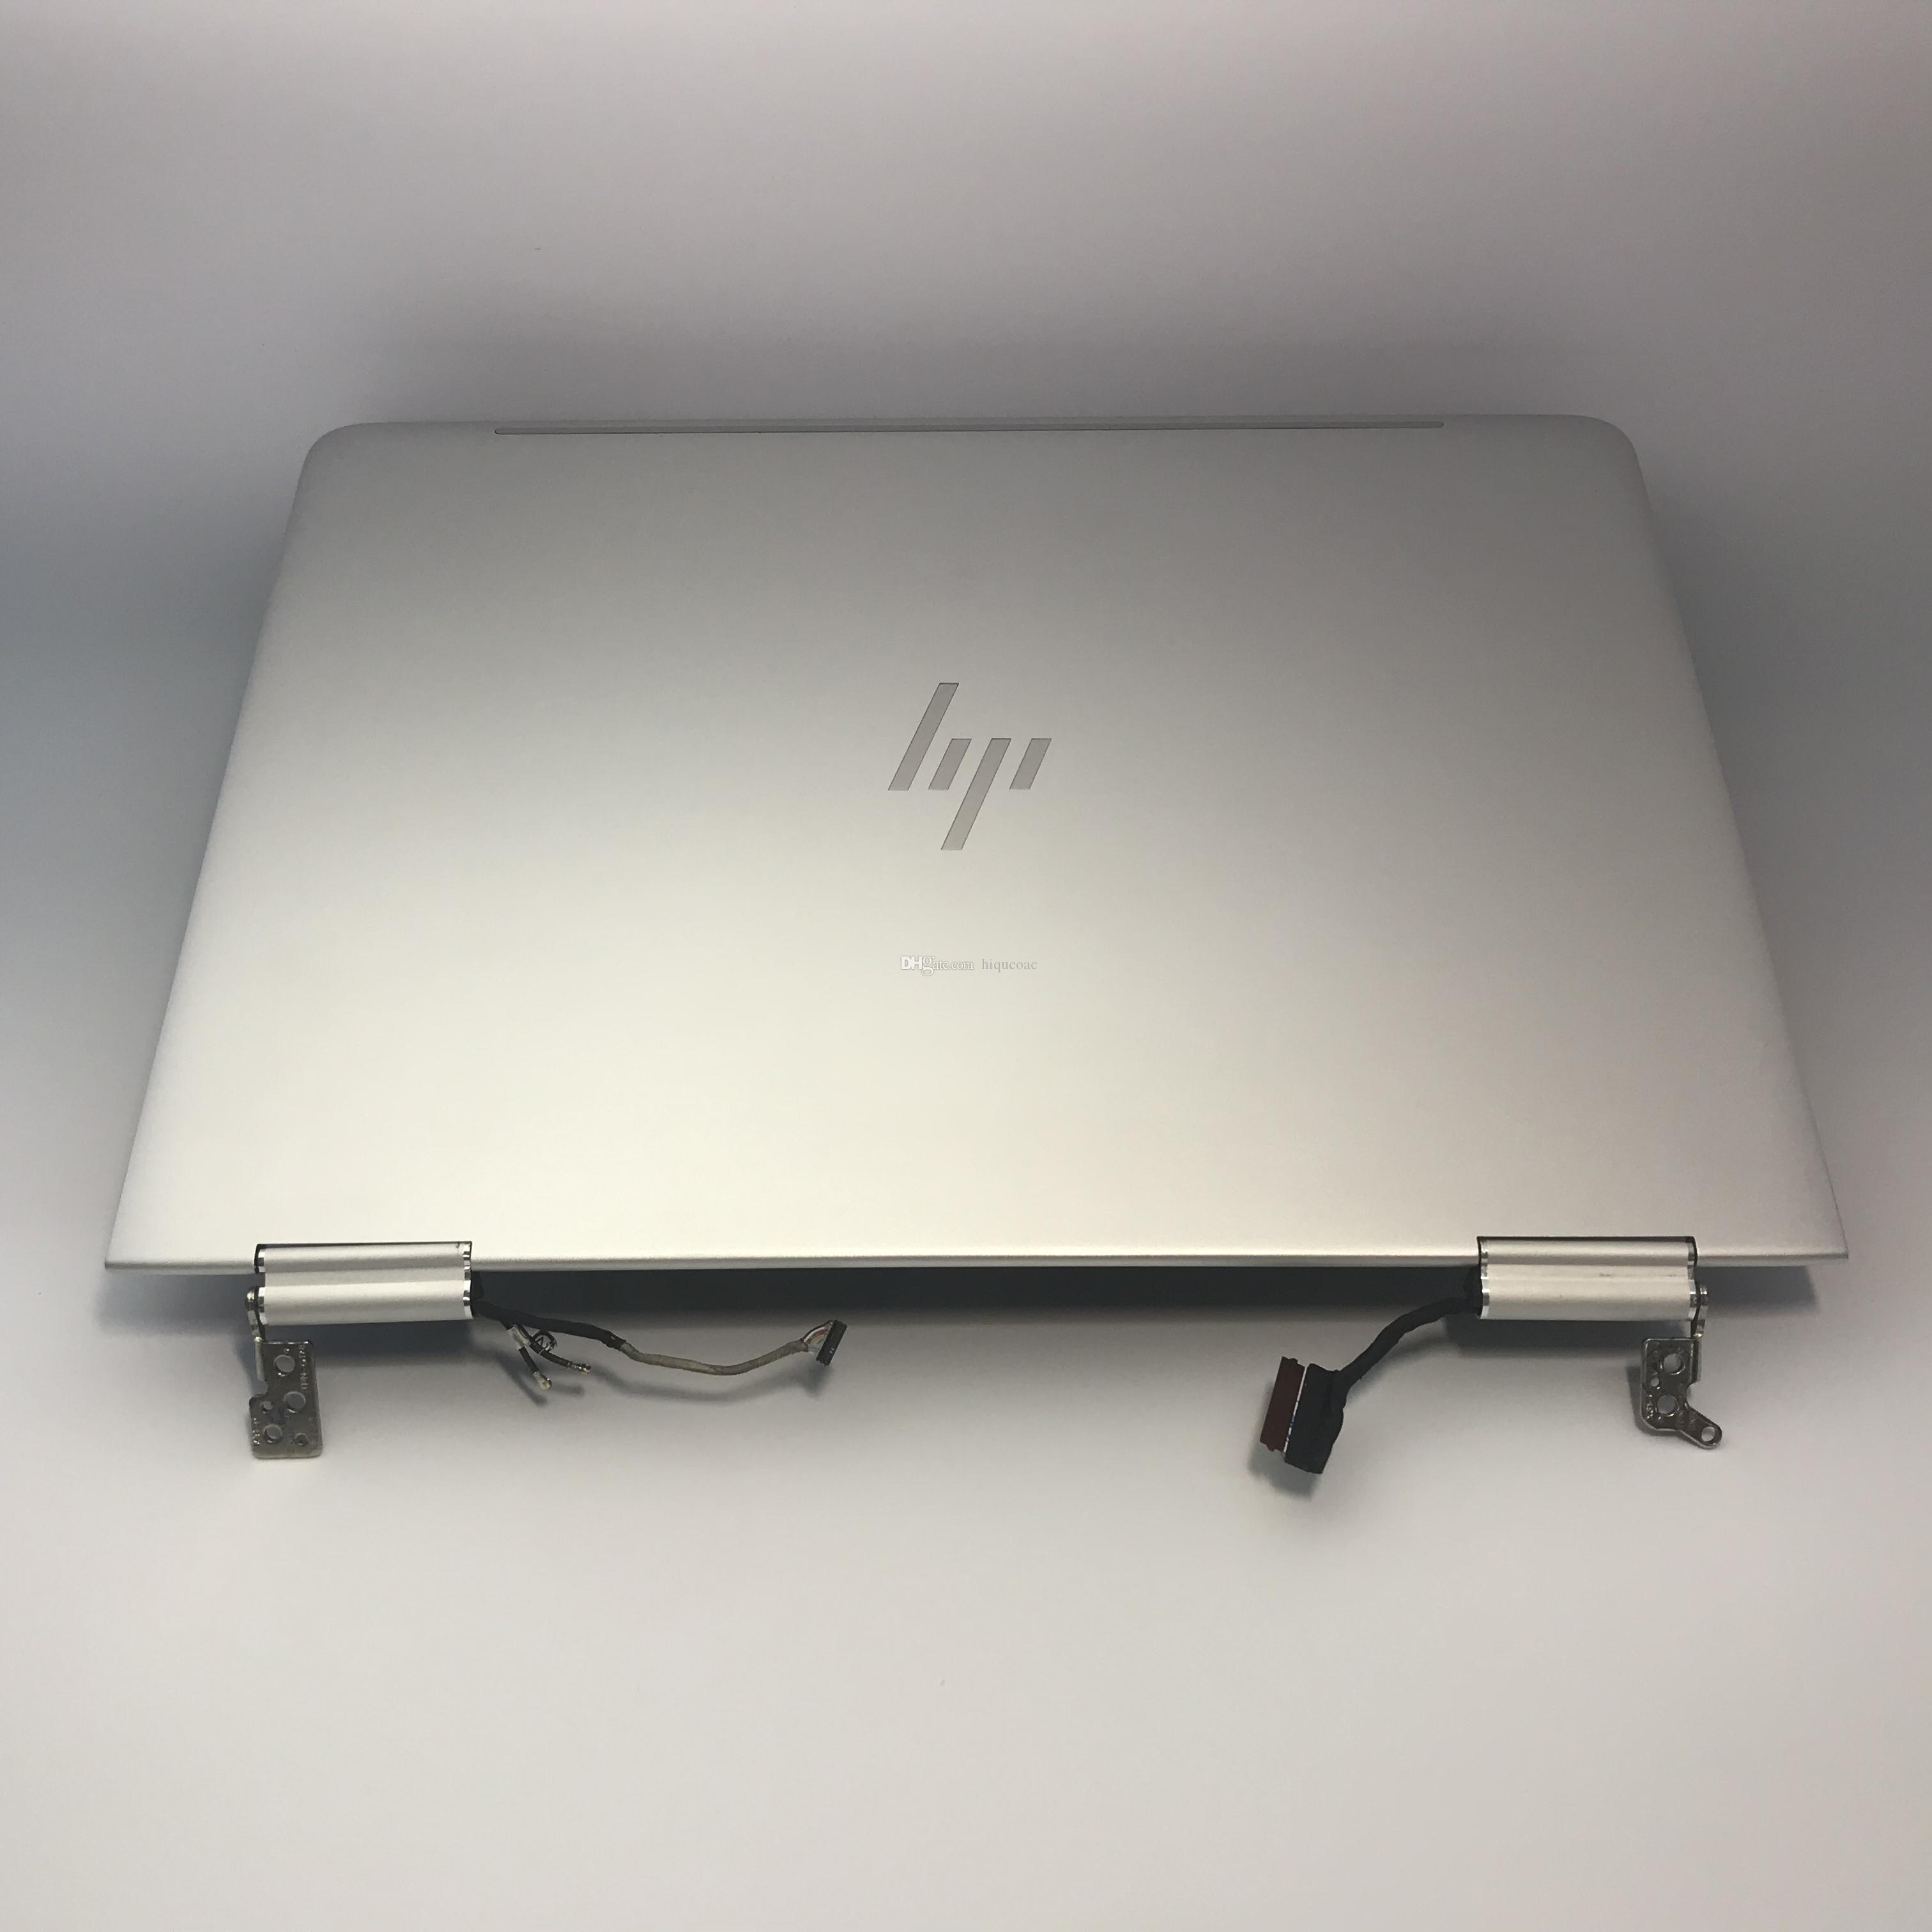 13-w Applica a HP X360 Spectre 13-W001LA FHD schermo da 13.3 '' a cristalli liquidi LED di tocco completa consegna Assemblea DHL / UPS / Fedex libero